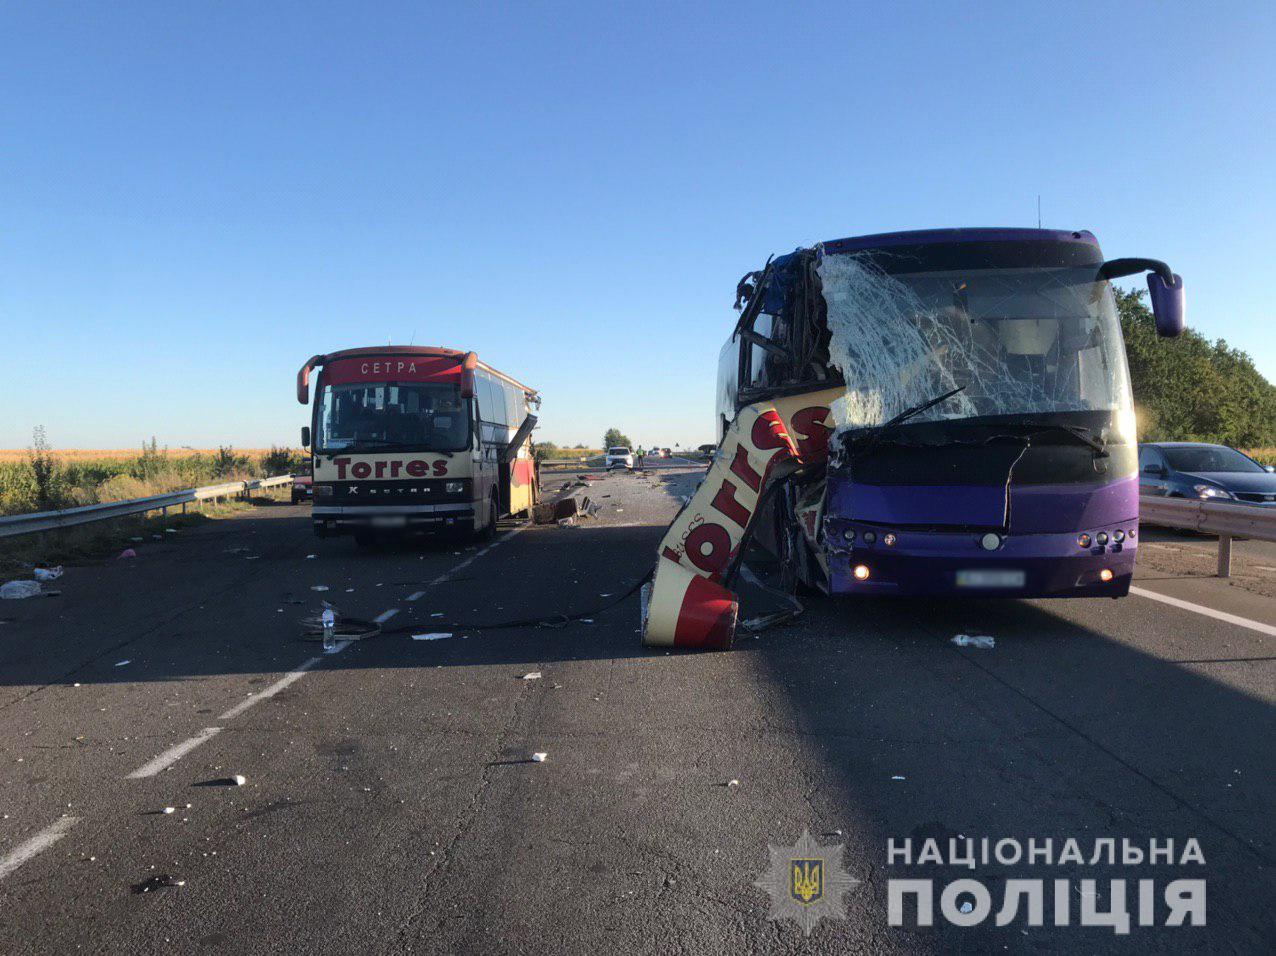 На Кировоградщине столкнулись  автобусы: 2 человека погибли, 10 с травма...